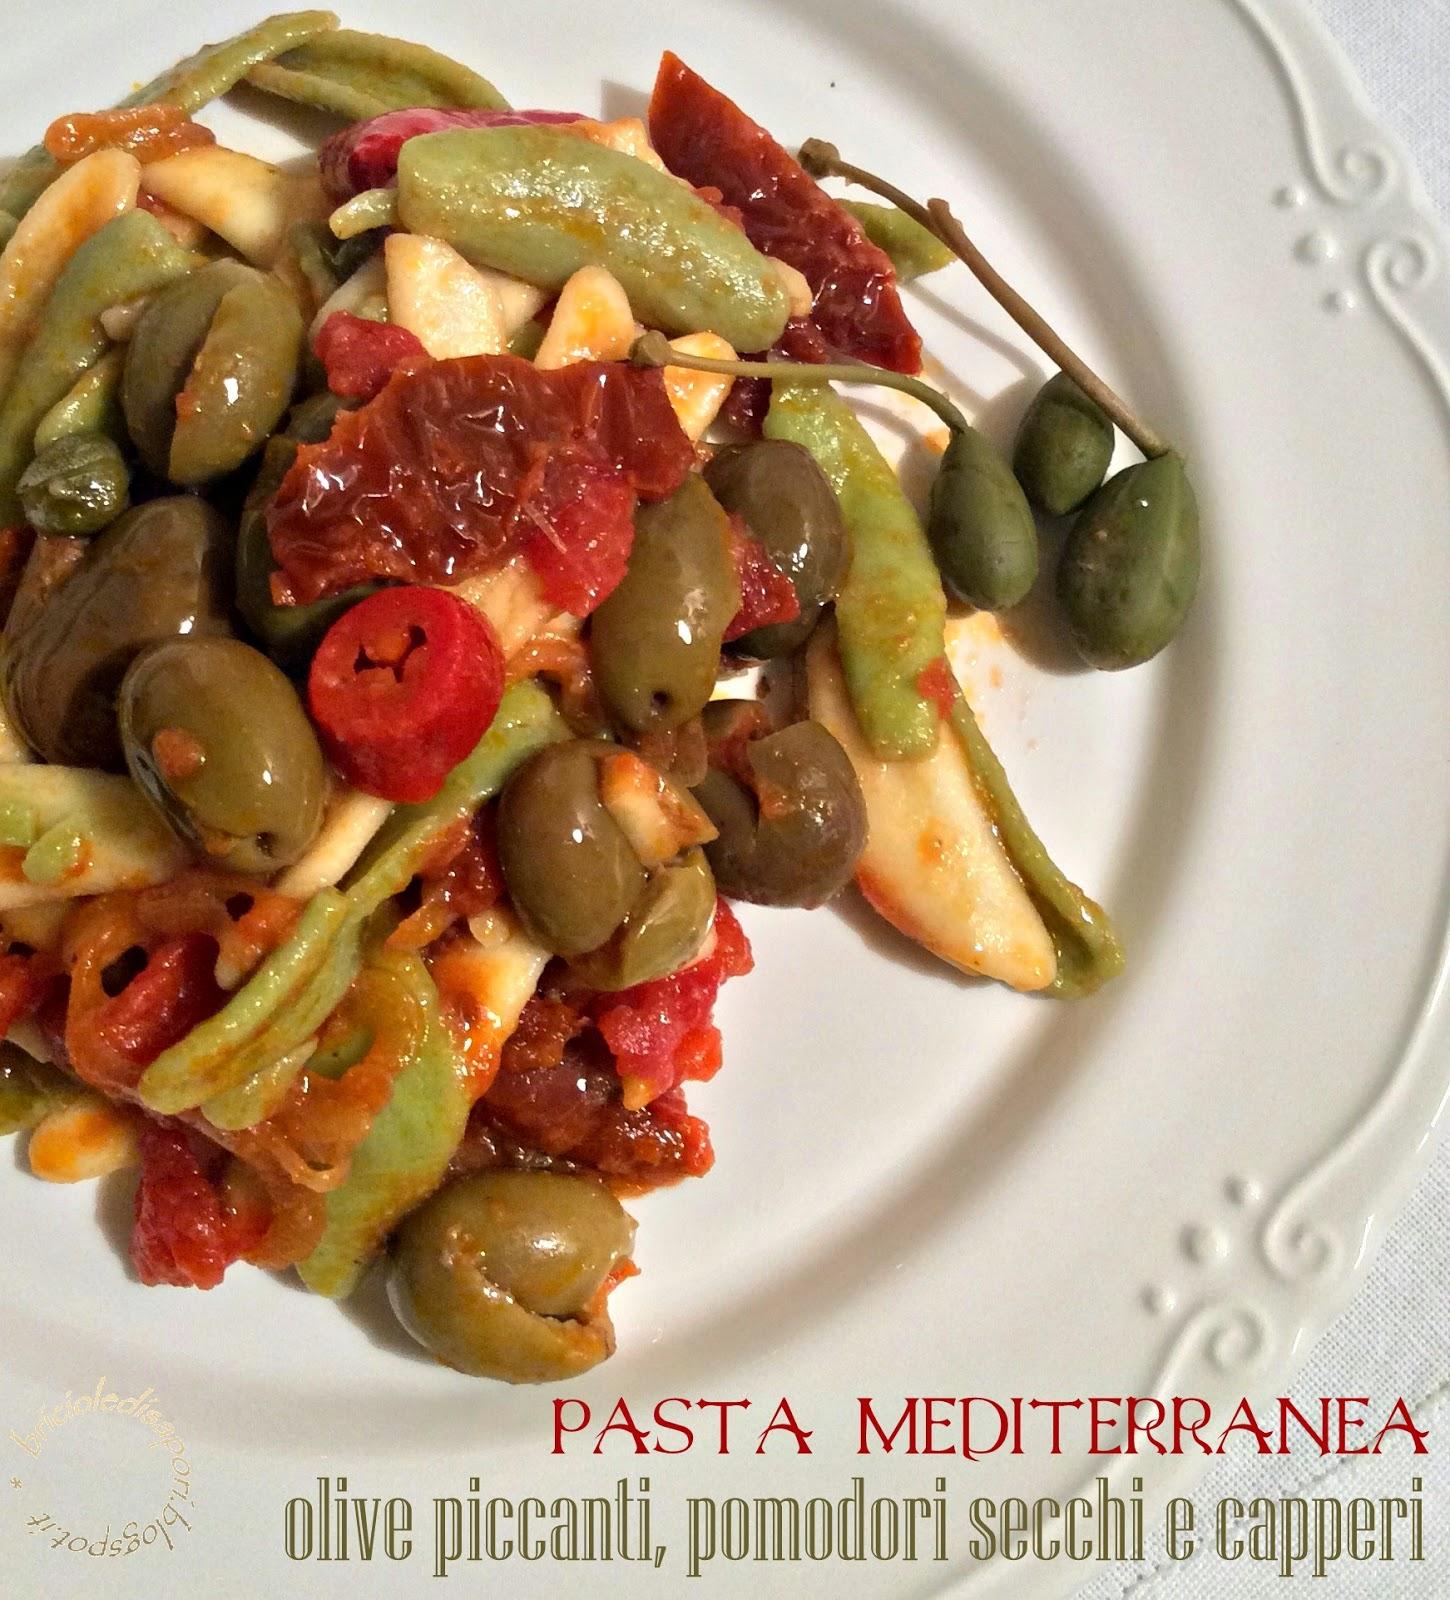 pasta mediterranea con olive piccanti, pomodori secchi e capperi